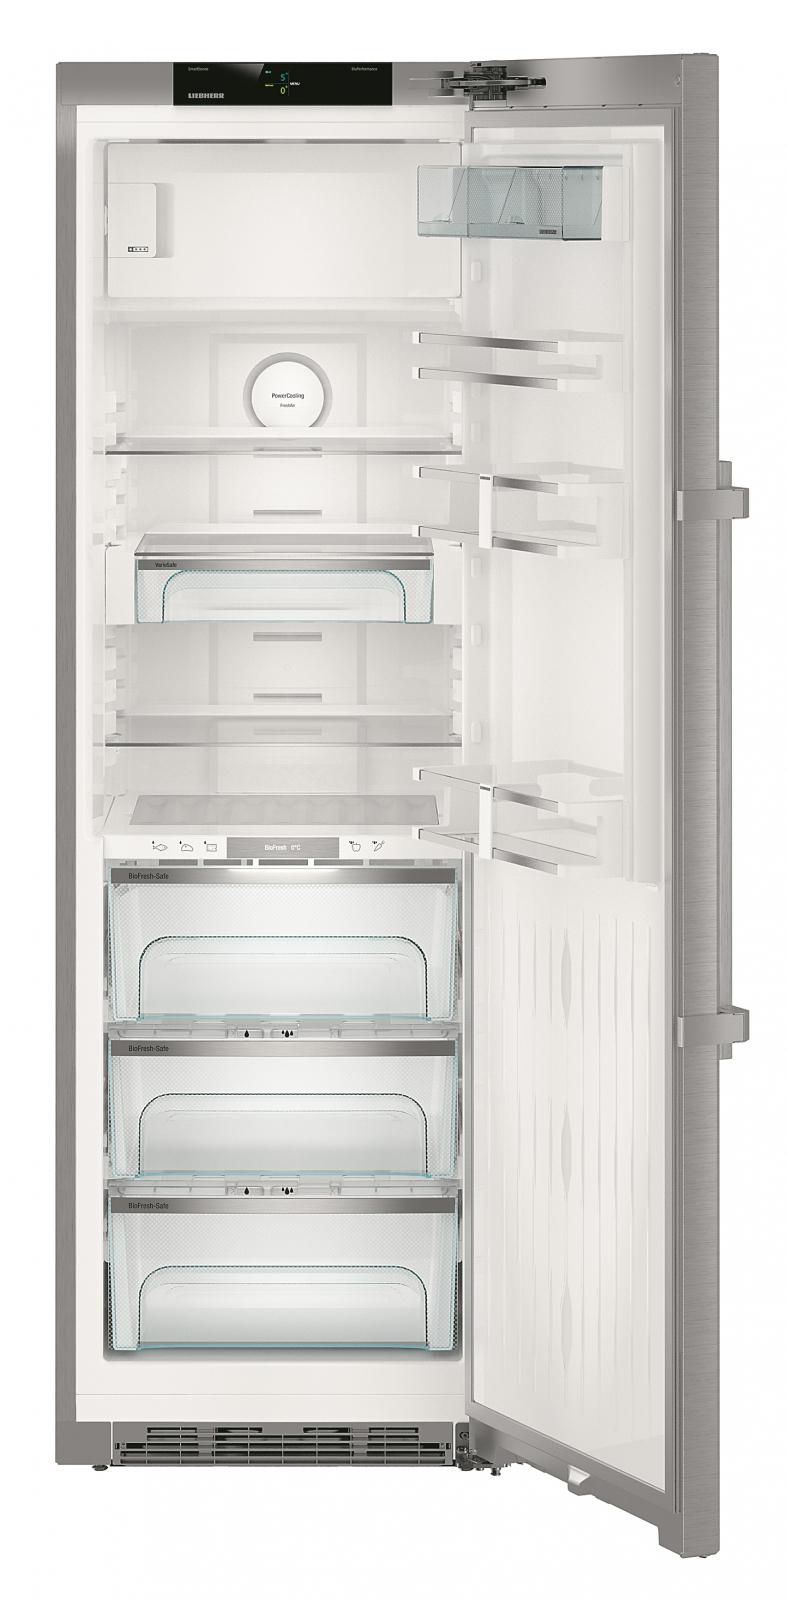 купить Однокамерный холодильник Liebherr KBPes 4354 Украина фото 2